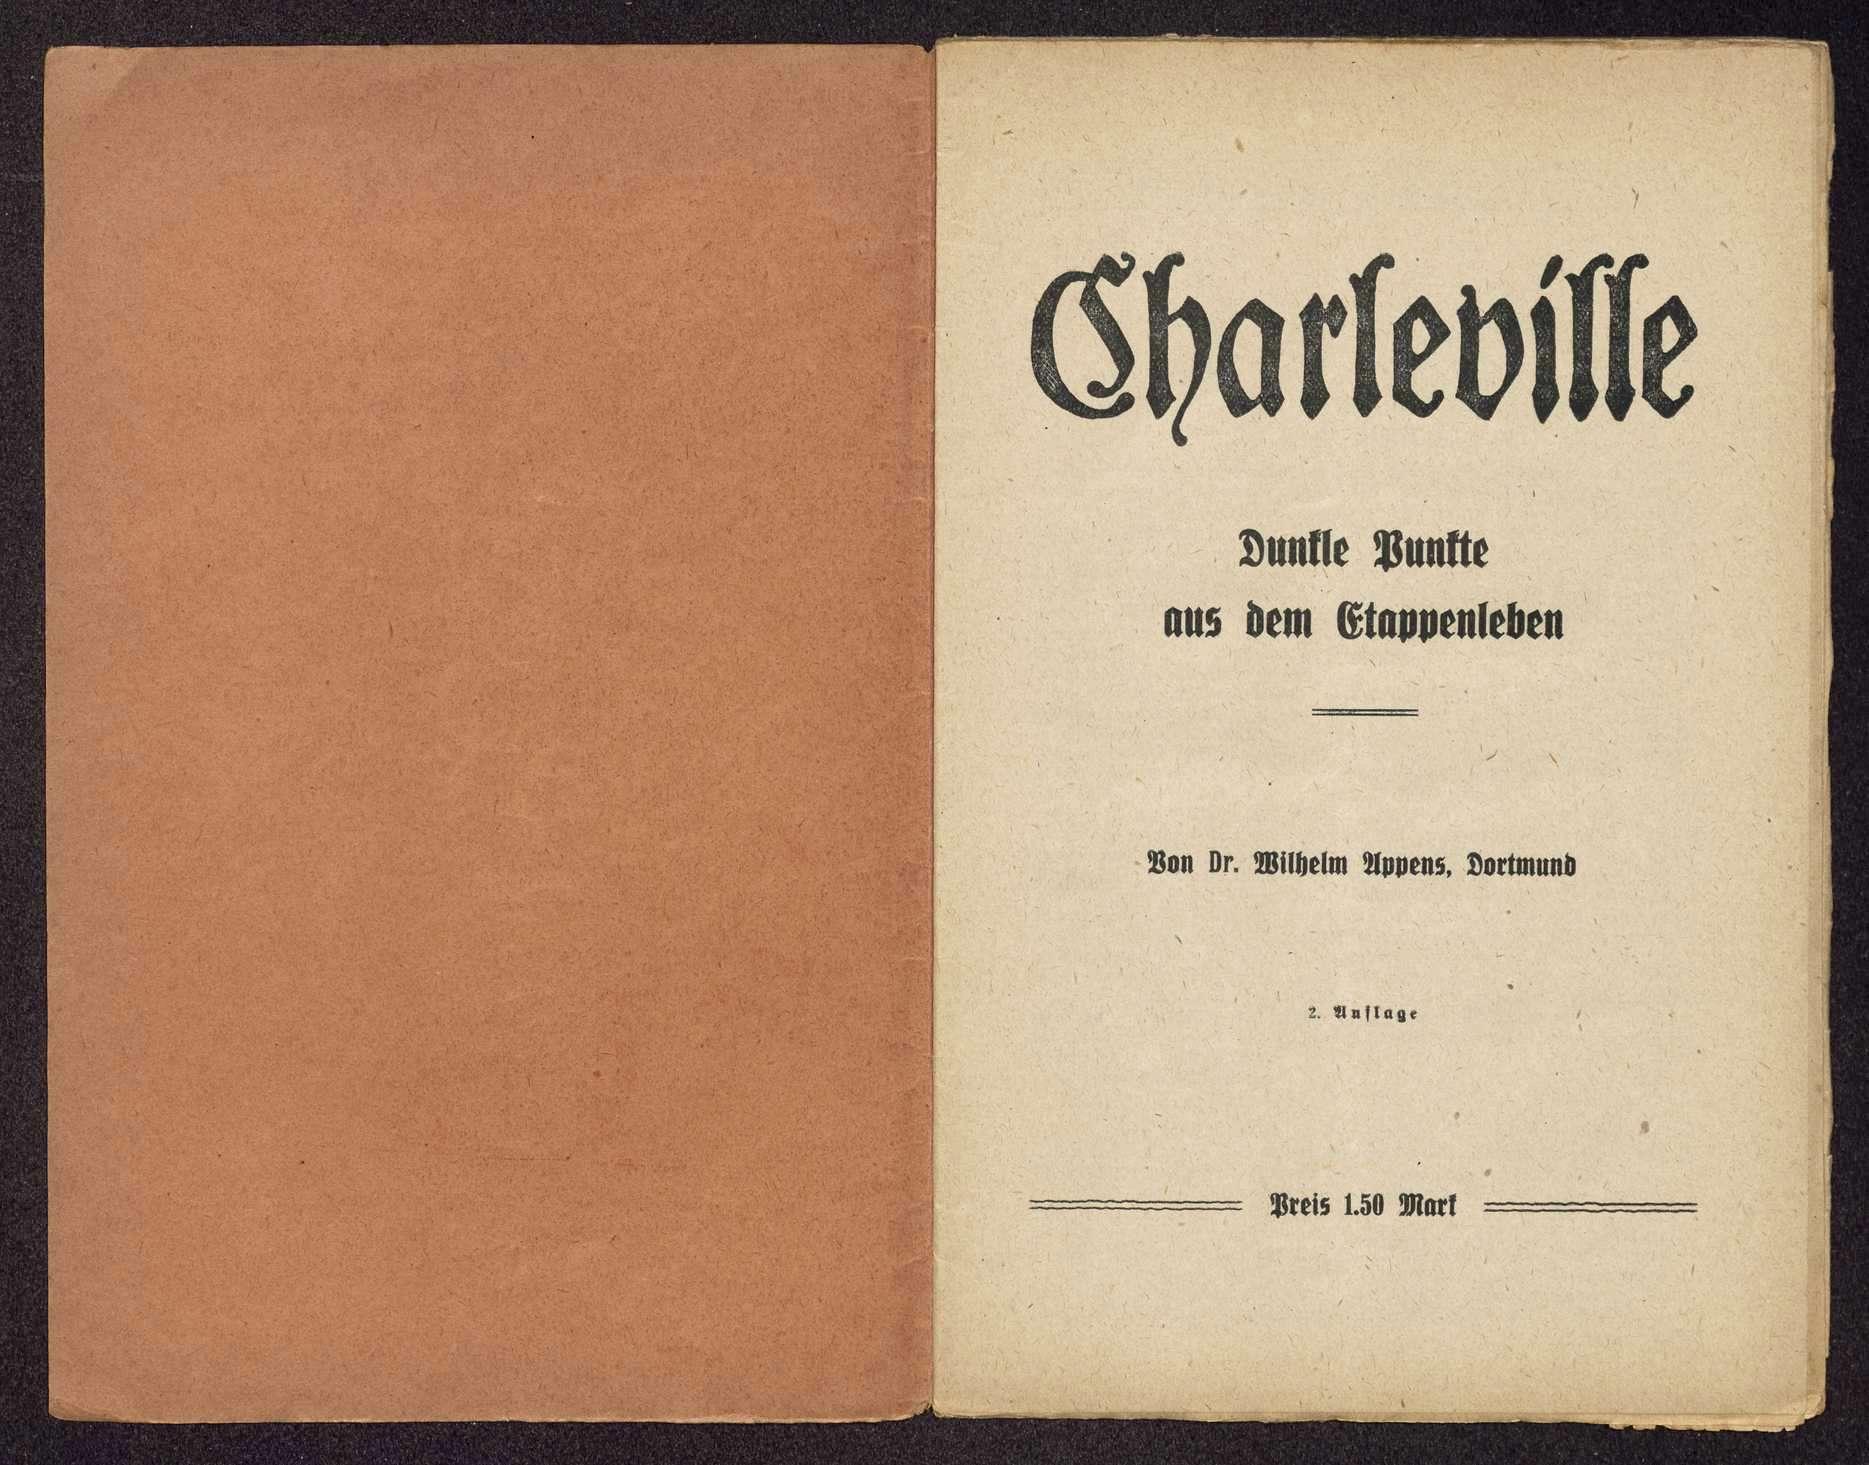 Dr. Wilhelm Appens, Dortmund: Charleville. Dunkle Punkte aus dem Etappenleben (Druck und Verlag: Gerisch & Co. G.m.b.H., Dortmund), Bild 2